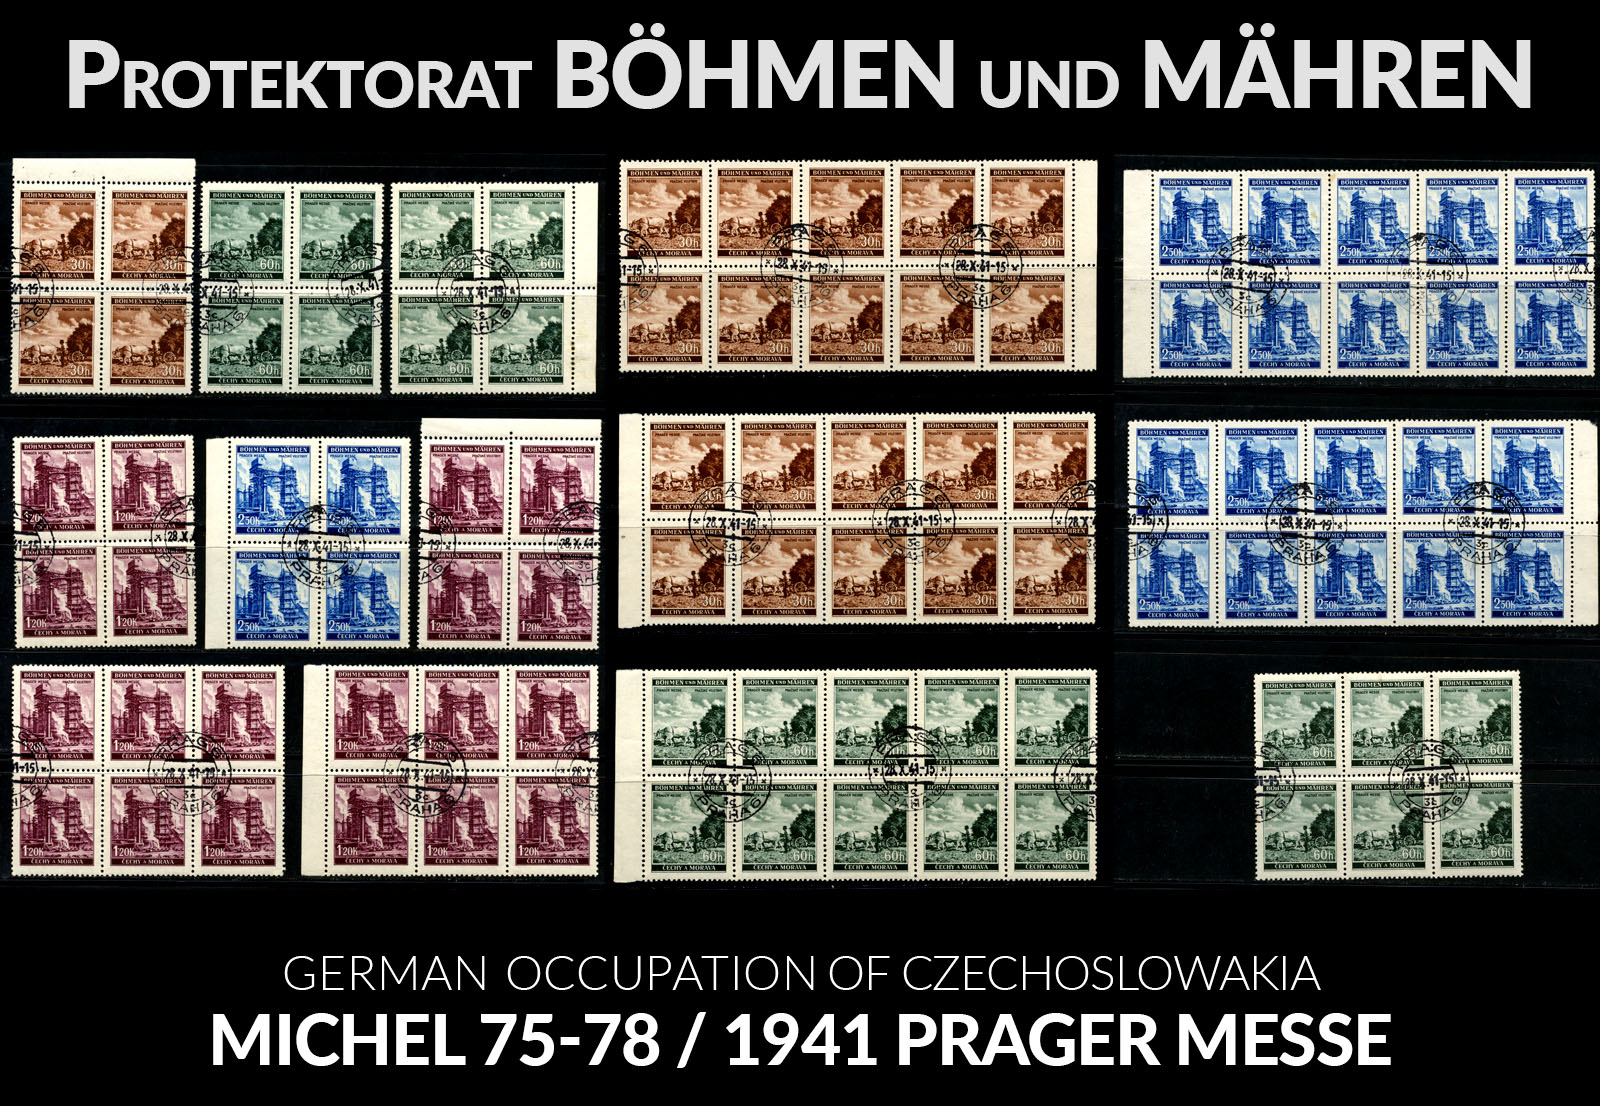 Böhmen und Mähren - Mi. 75-78 / 1941 Prager Messe